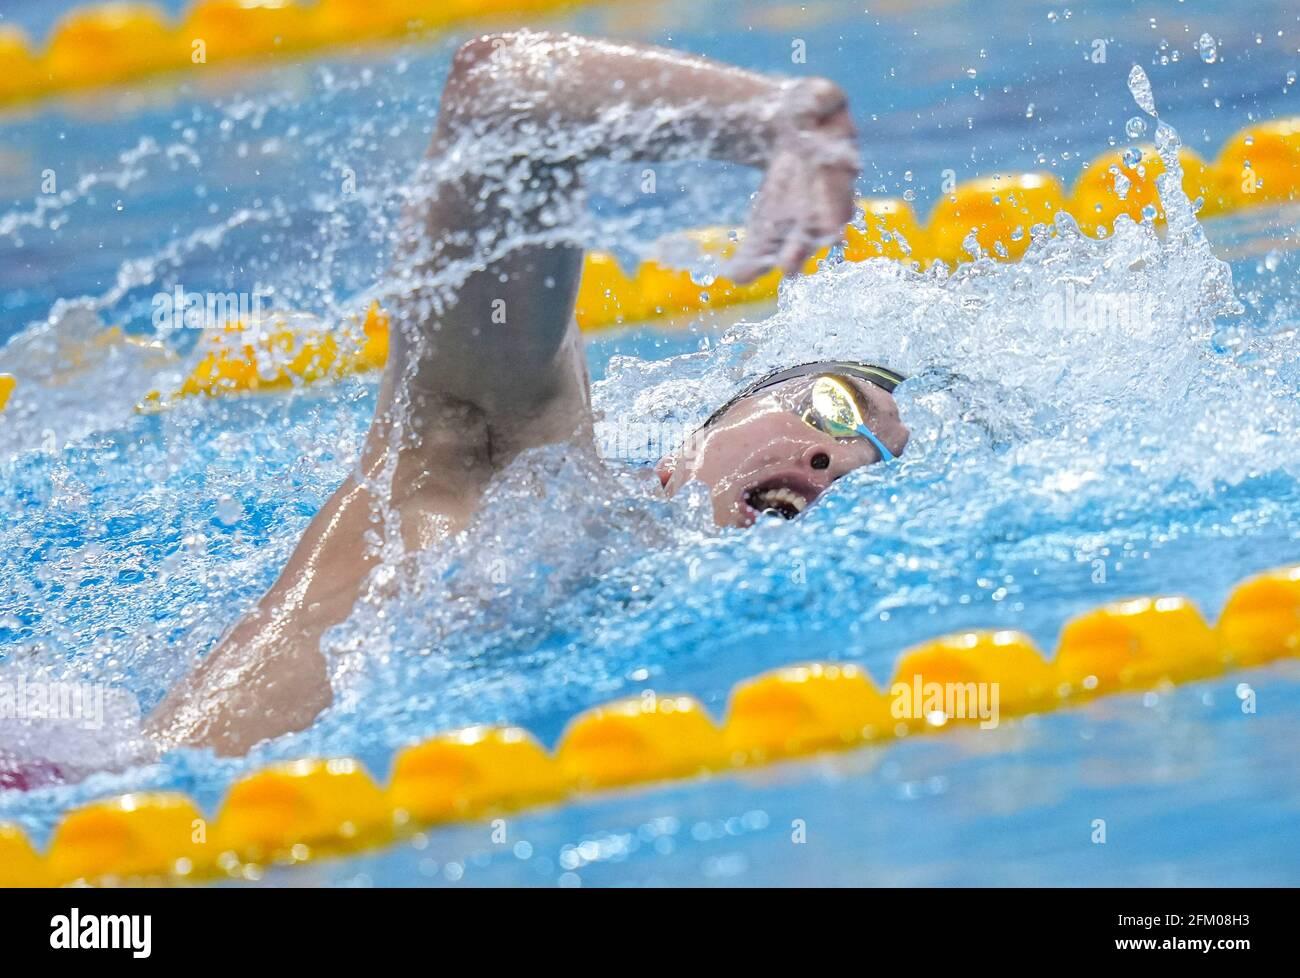 Qingdao, China. Mai 2021. Cheng Long aus Shandong tritt beim 800-m-Freestyle-Finale der Männer bei den chinesischen nationalen Schwimmmeisterschaften 2021 in Qingdao, Ostchina, am 5. Mai 2021 an. Quelle: Xu Chang/Xinhua/Alamy Live News Stockfoto